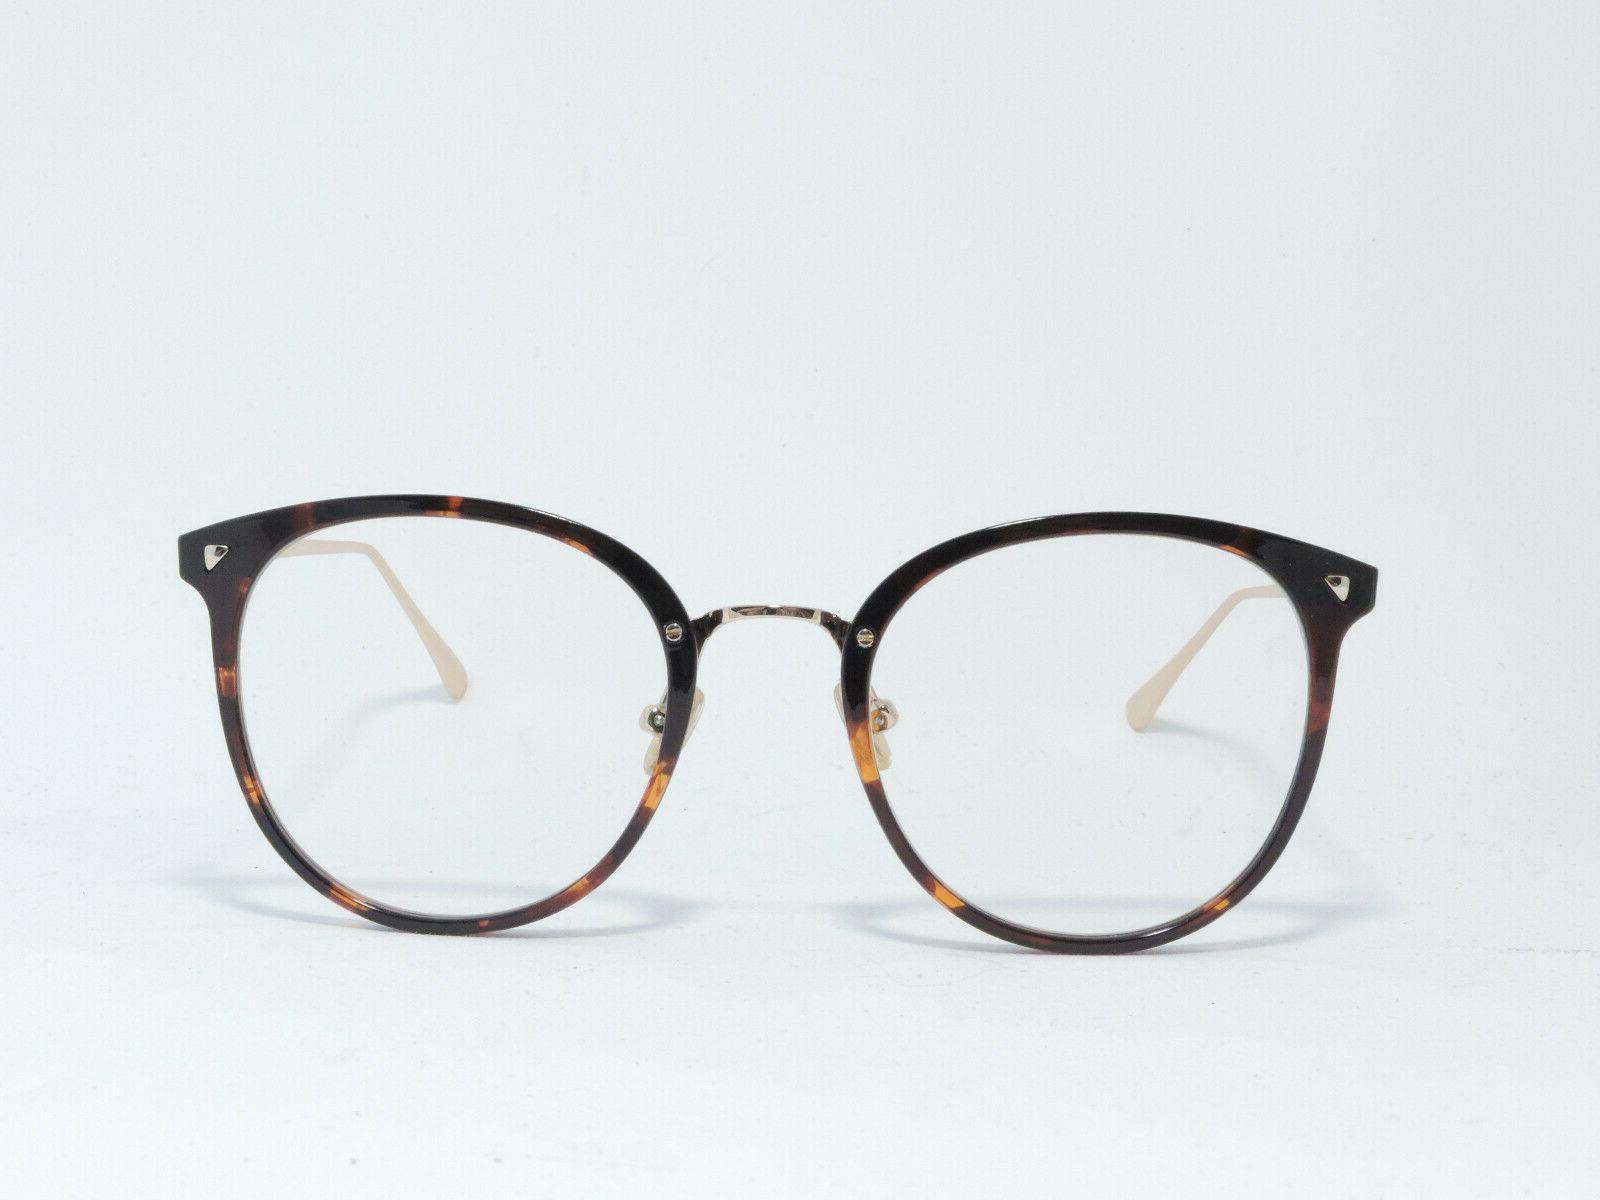 maaike metal tr90 trendy eyeglass frames clear